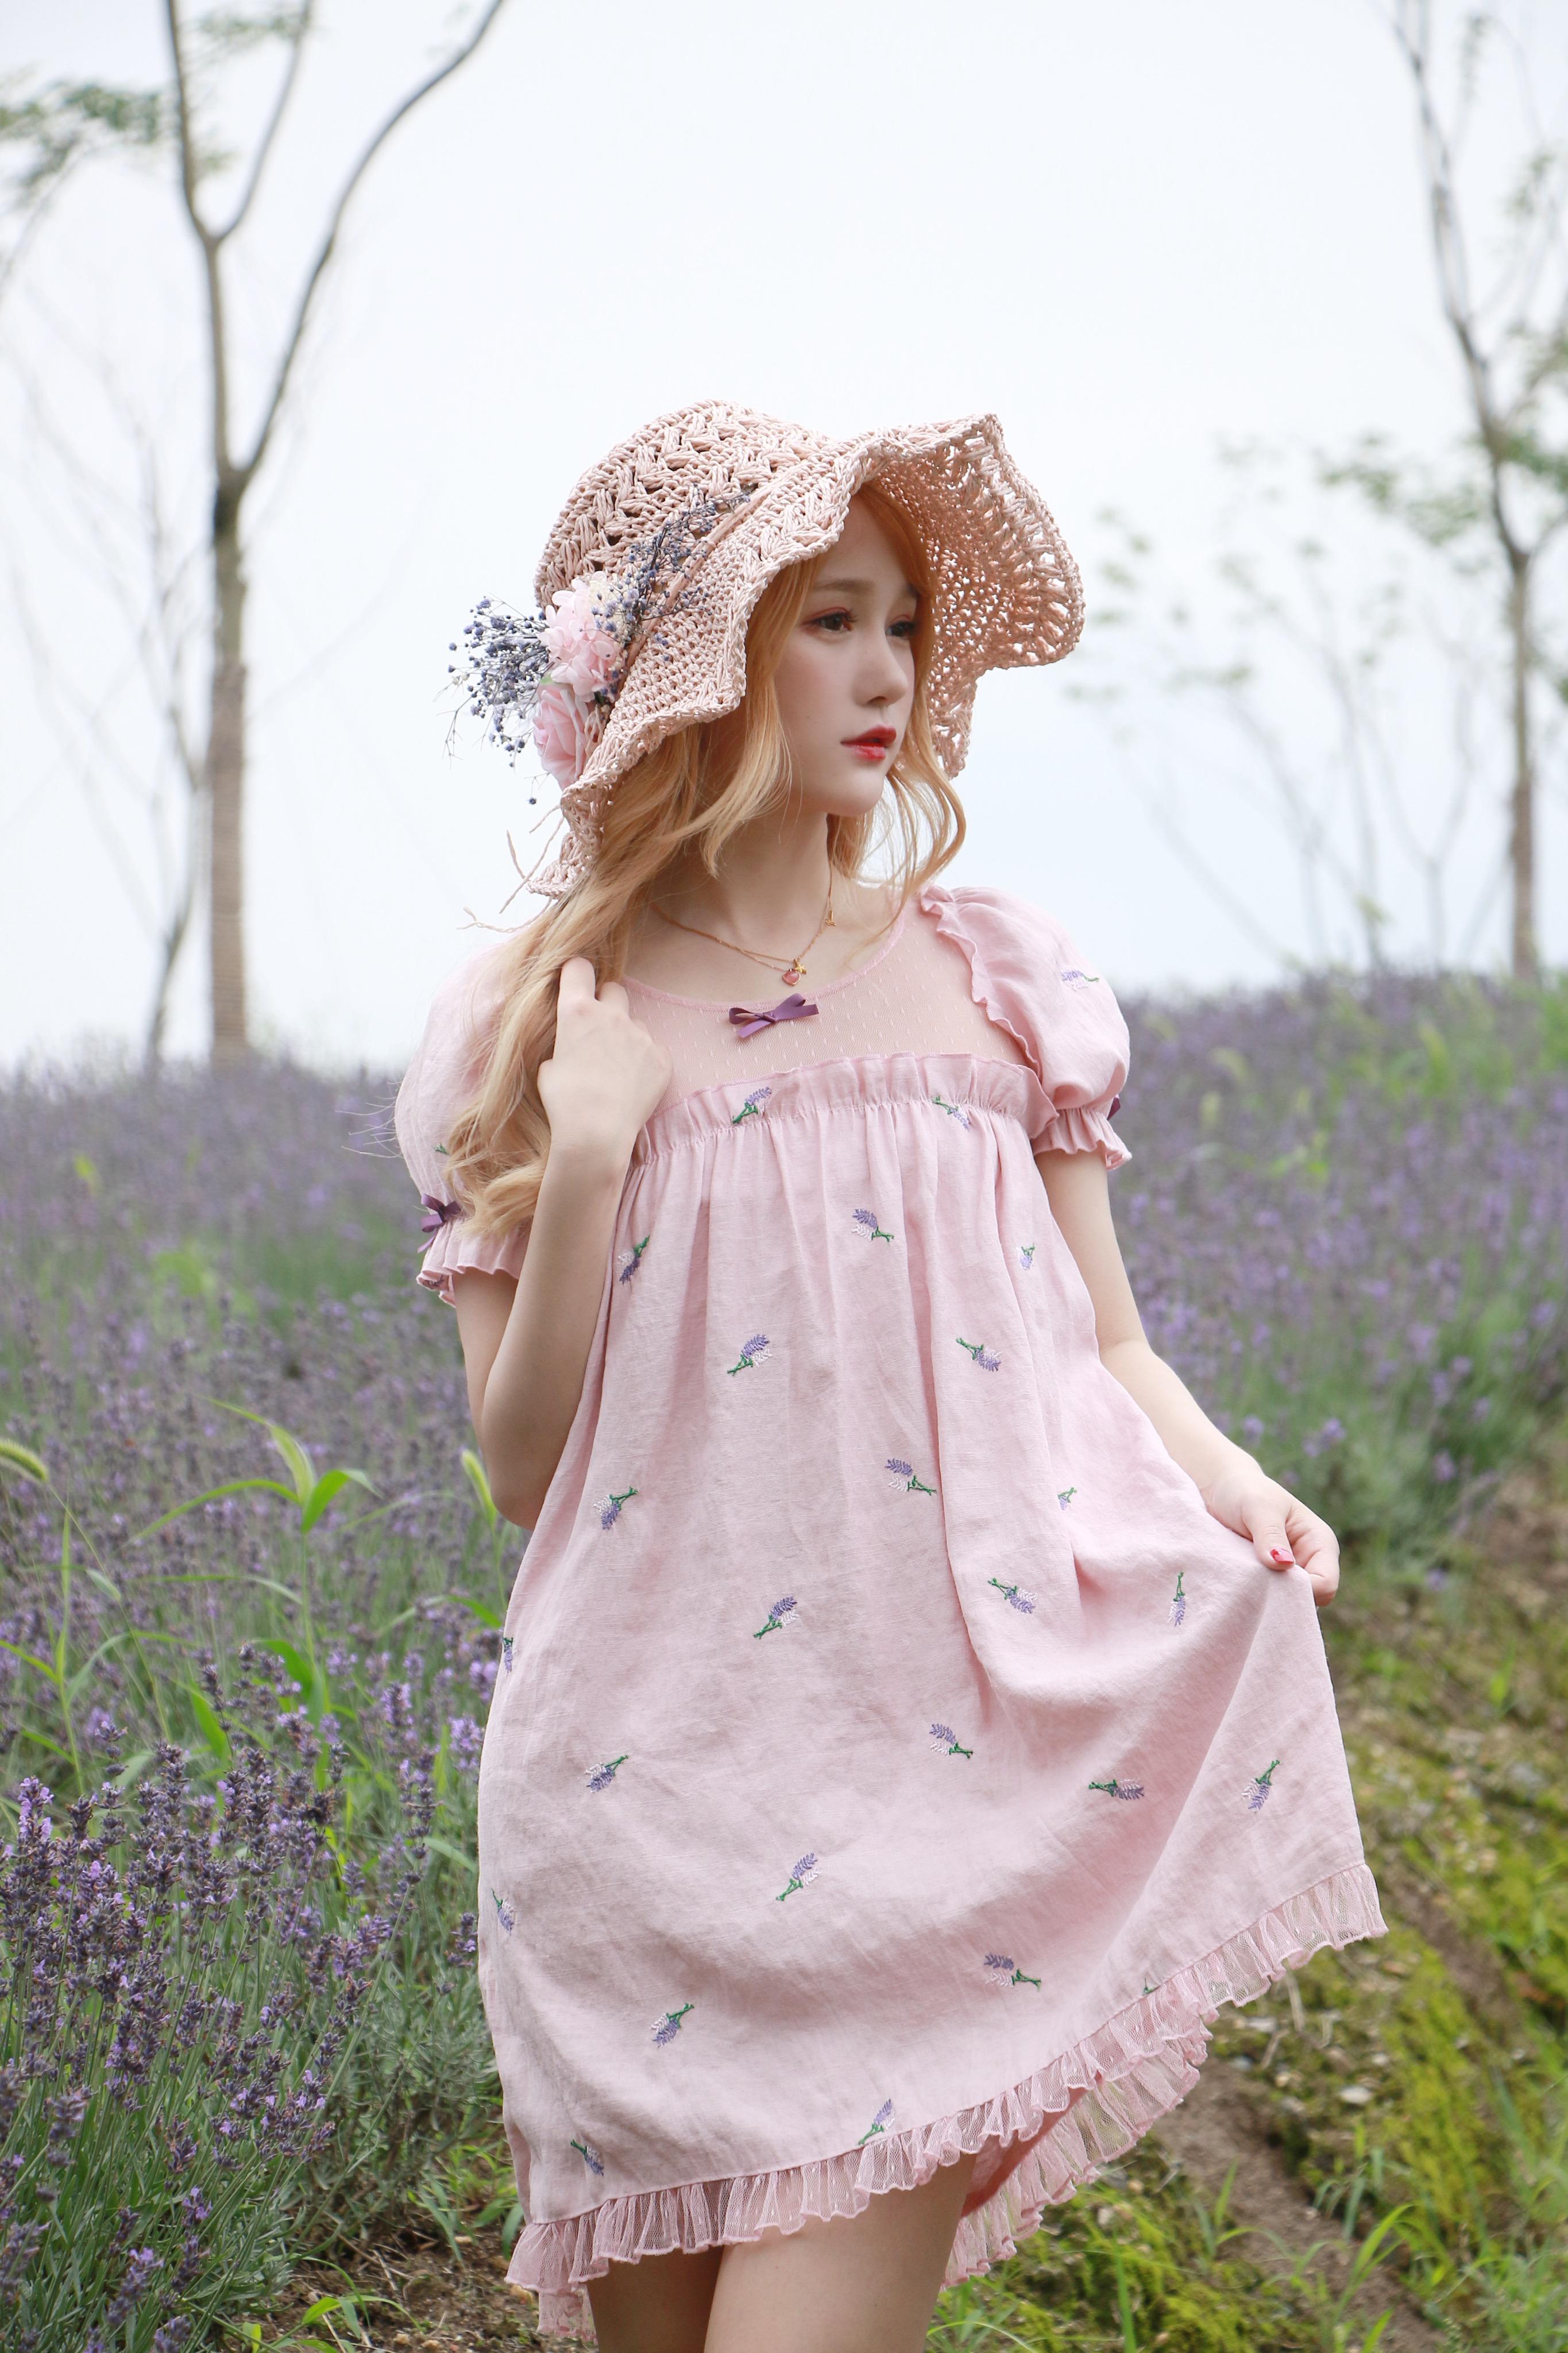 【十二工作室】原创薰衣草胭粉网纱灯笼袖木耳边娃娃裙连衣裙